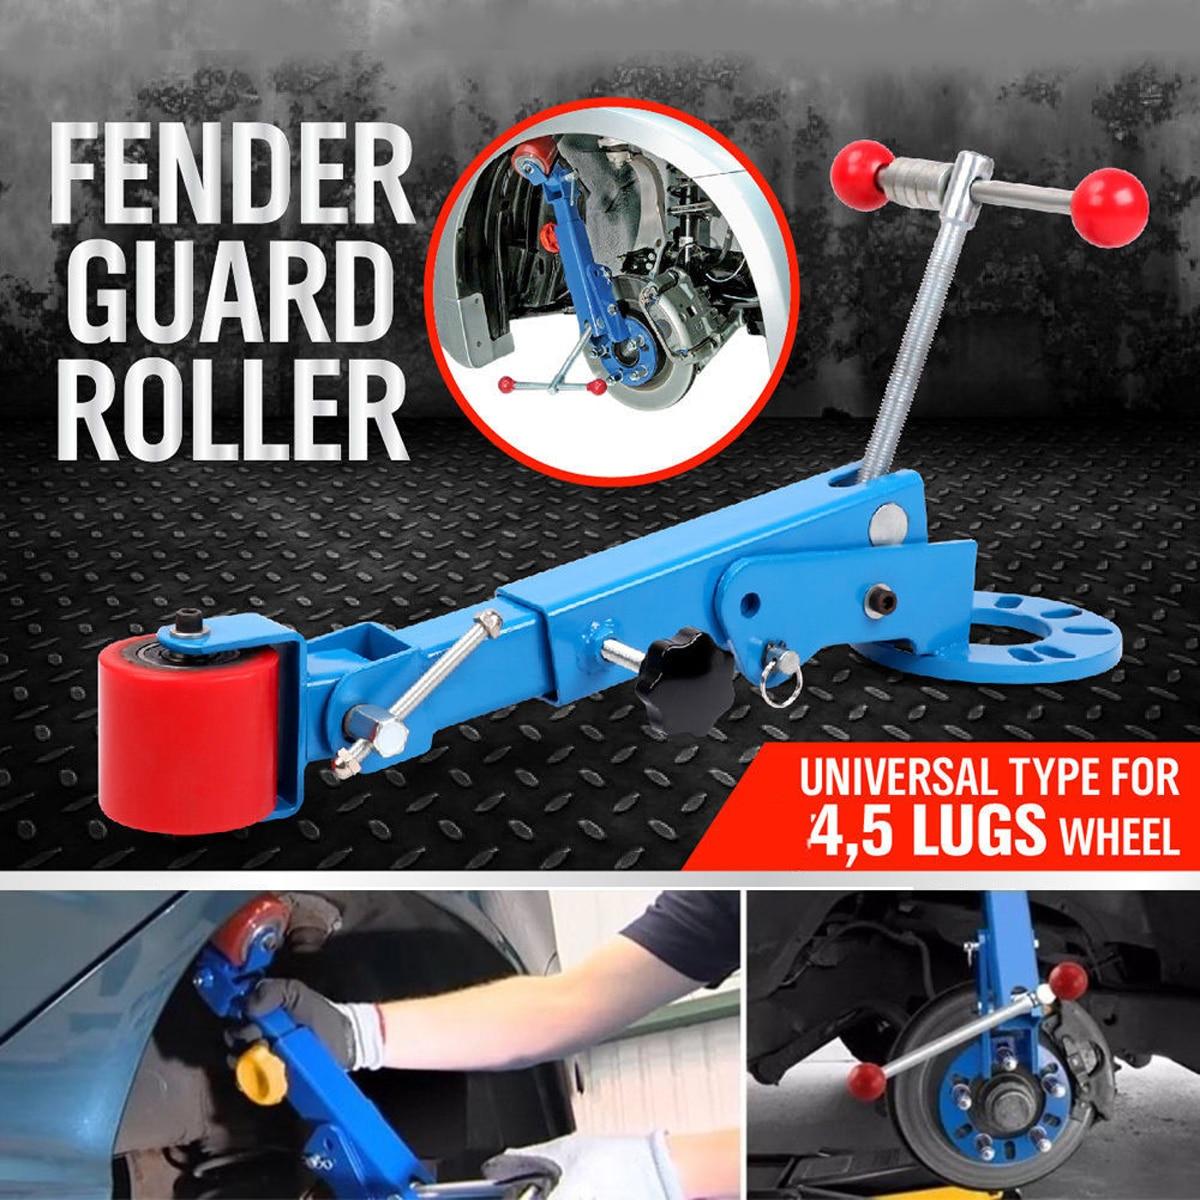 Rotolo per Fender Riforma Che Si Estende Strumento Wheel Arch Rullo Flaring Ex Pesante di Parti di Macchine di Lavorazione Del Legno